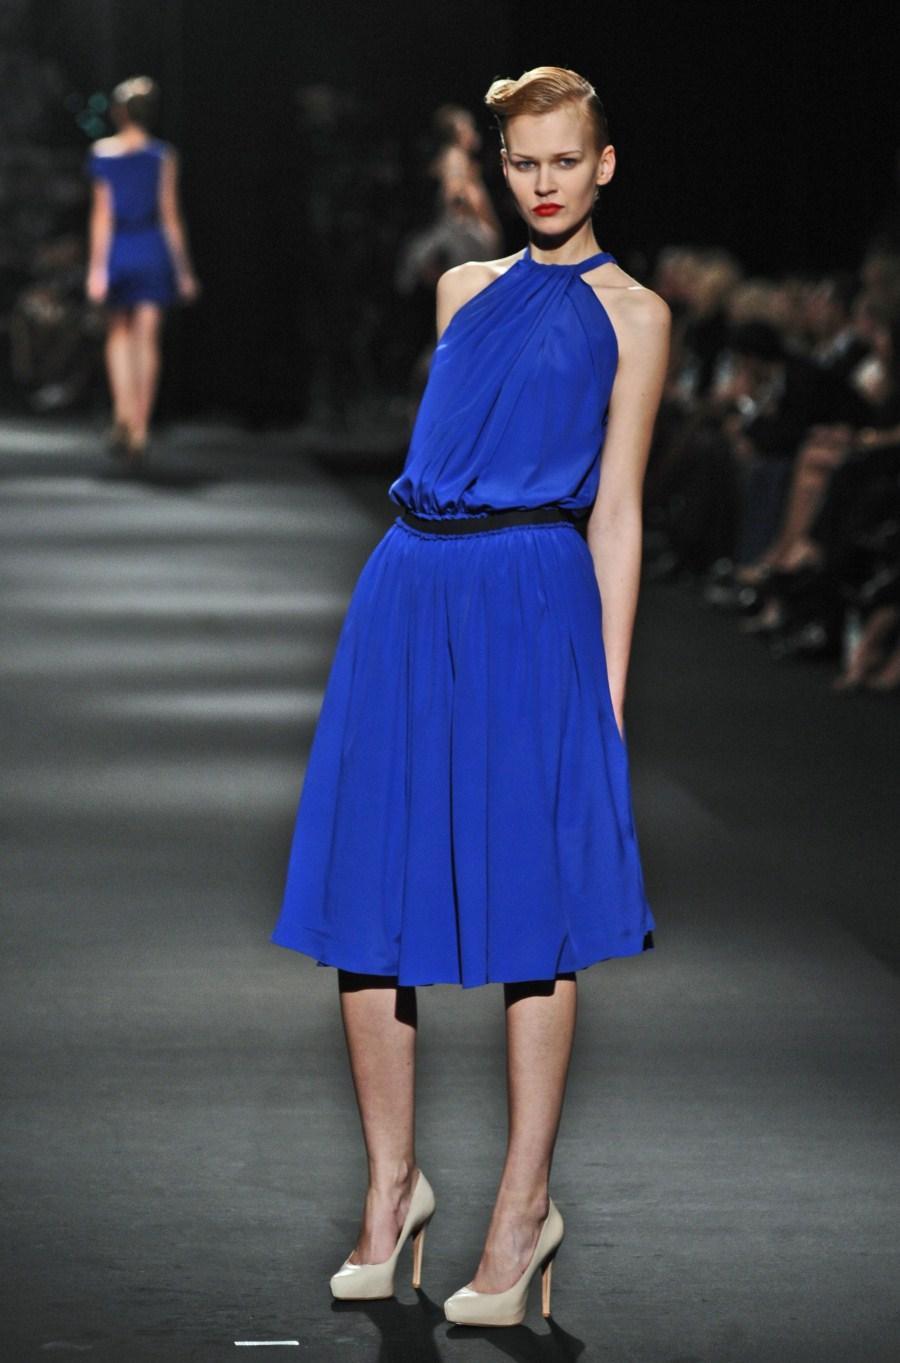 niebieska sukienka Zień - wiosna/lato 2011